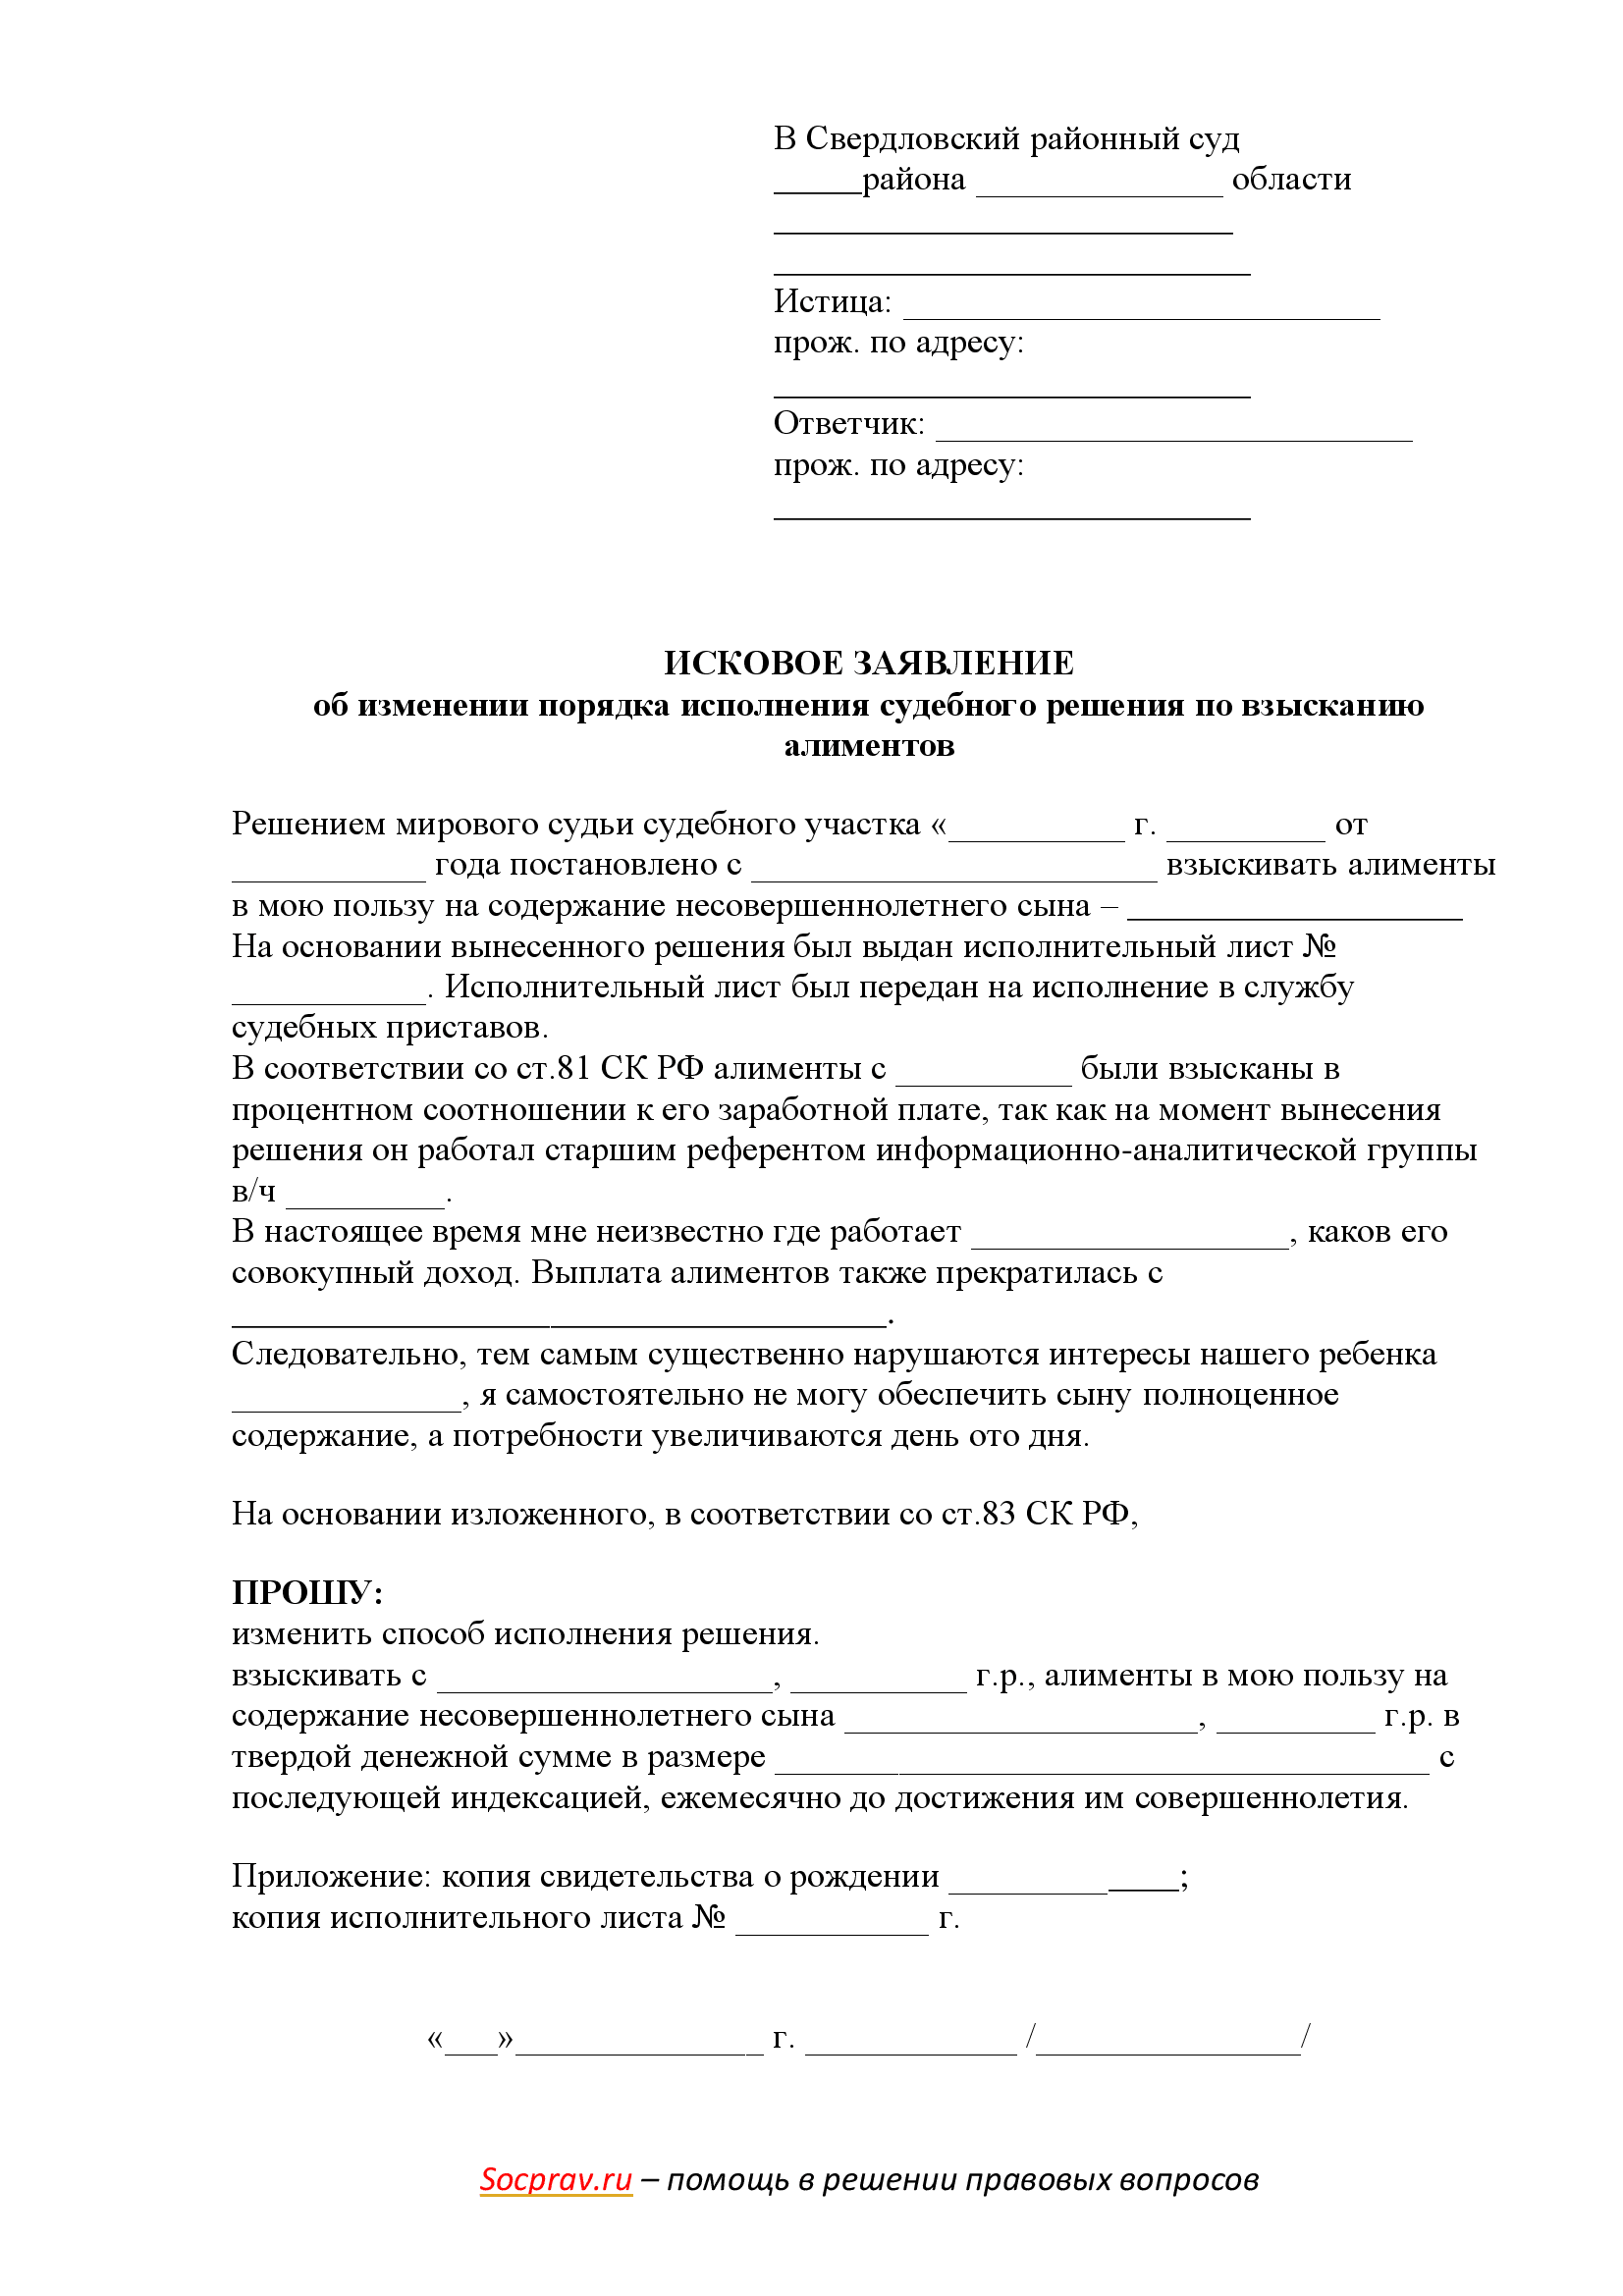 Исковое заявление об изменении порядка взыскания алиментов